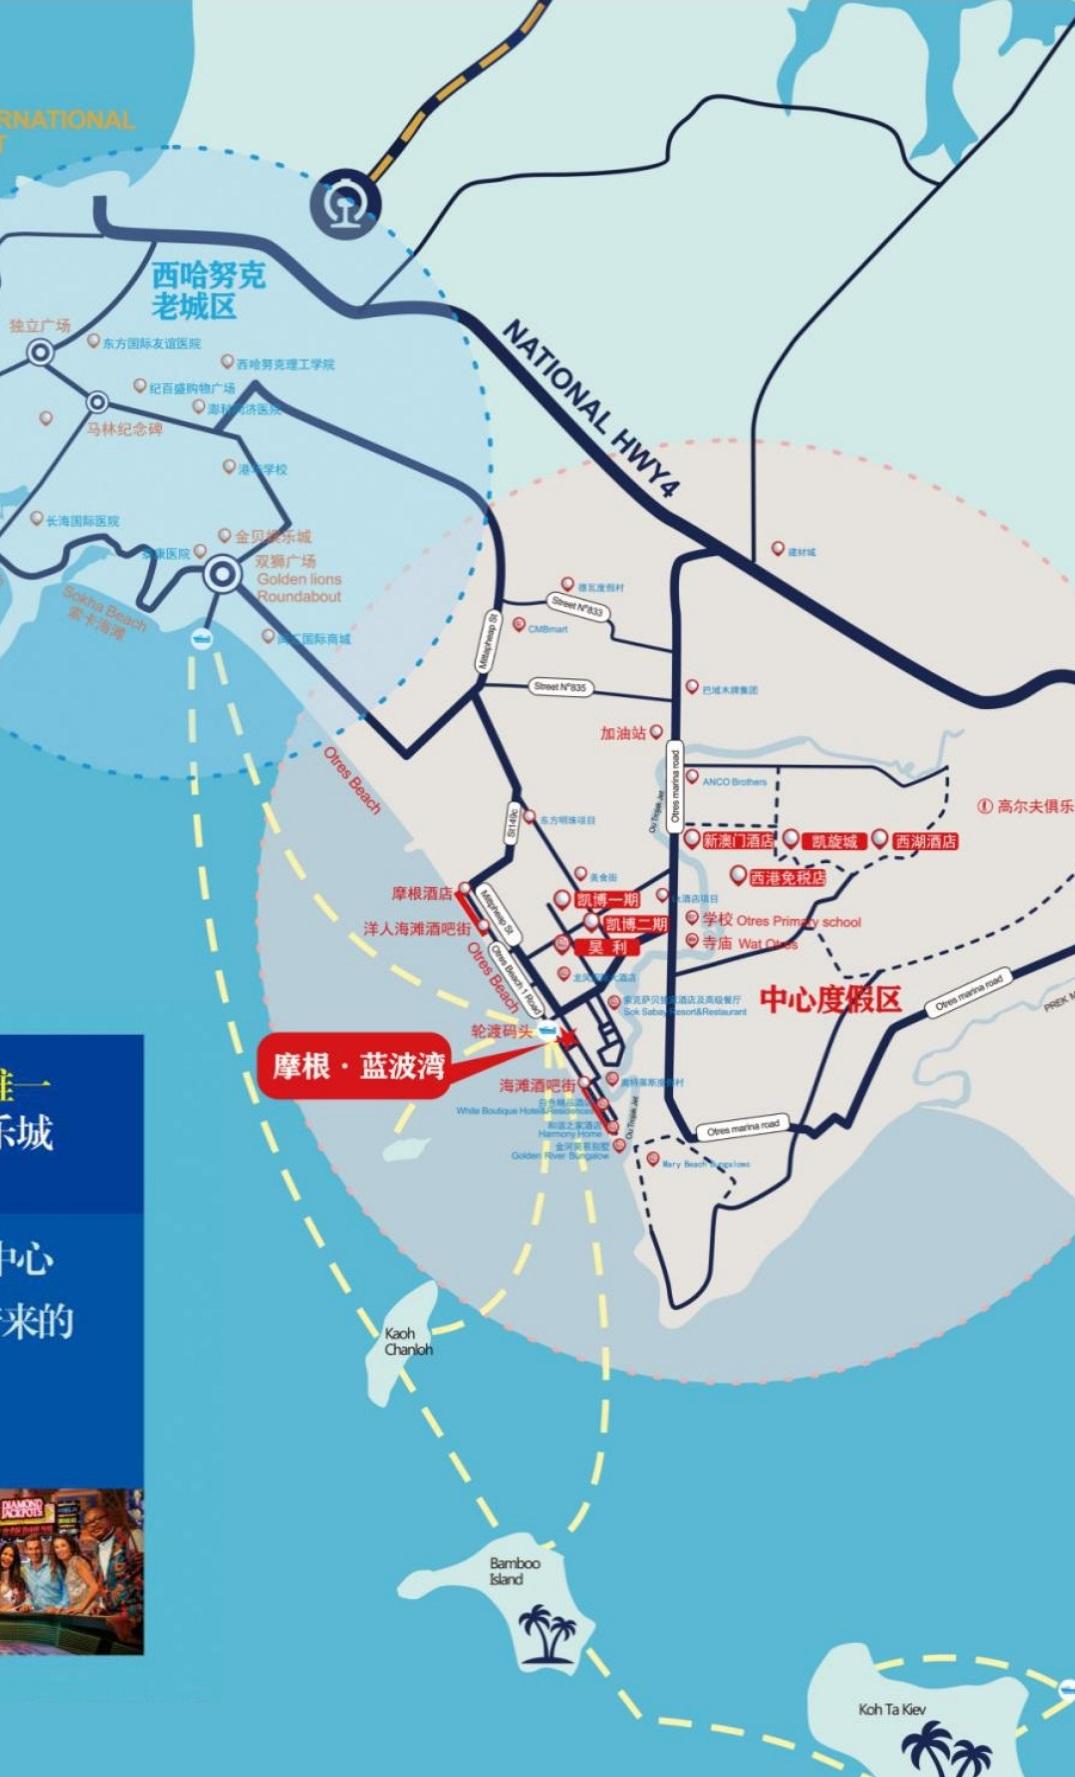 柬埔寨西港,投資柬埔寨, 柬埔寨摩根南波灣,柬埔寨西港樓價,Morgan The Pure Bay